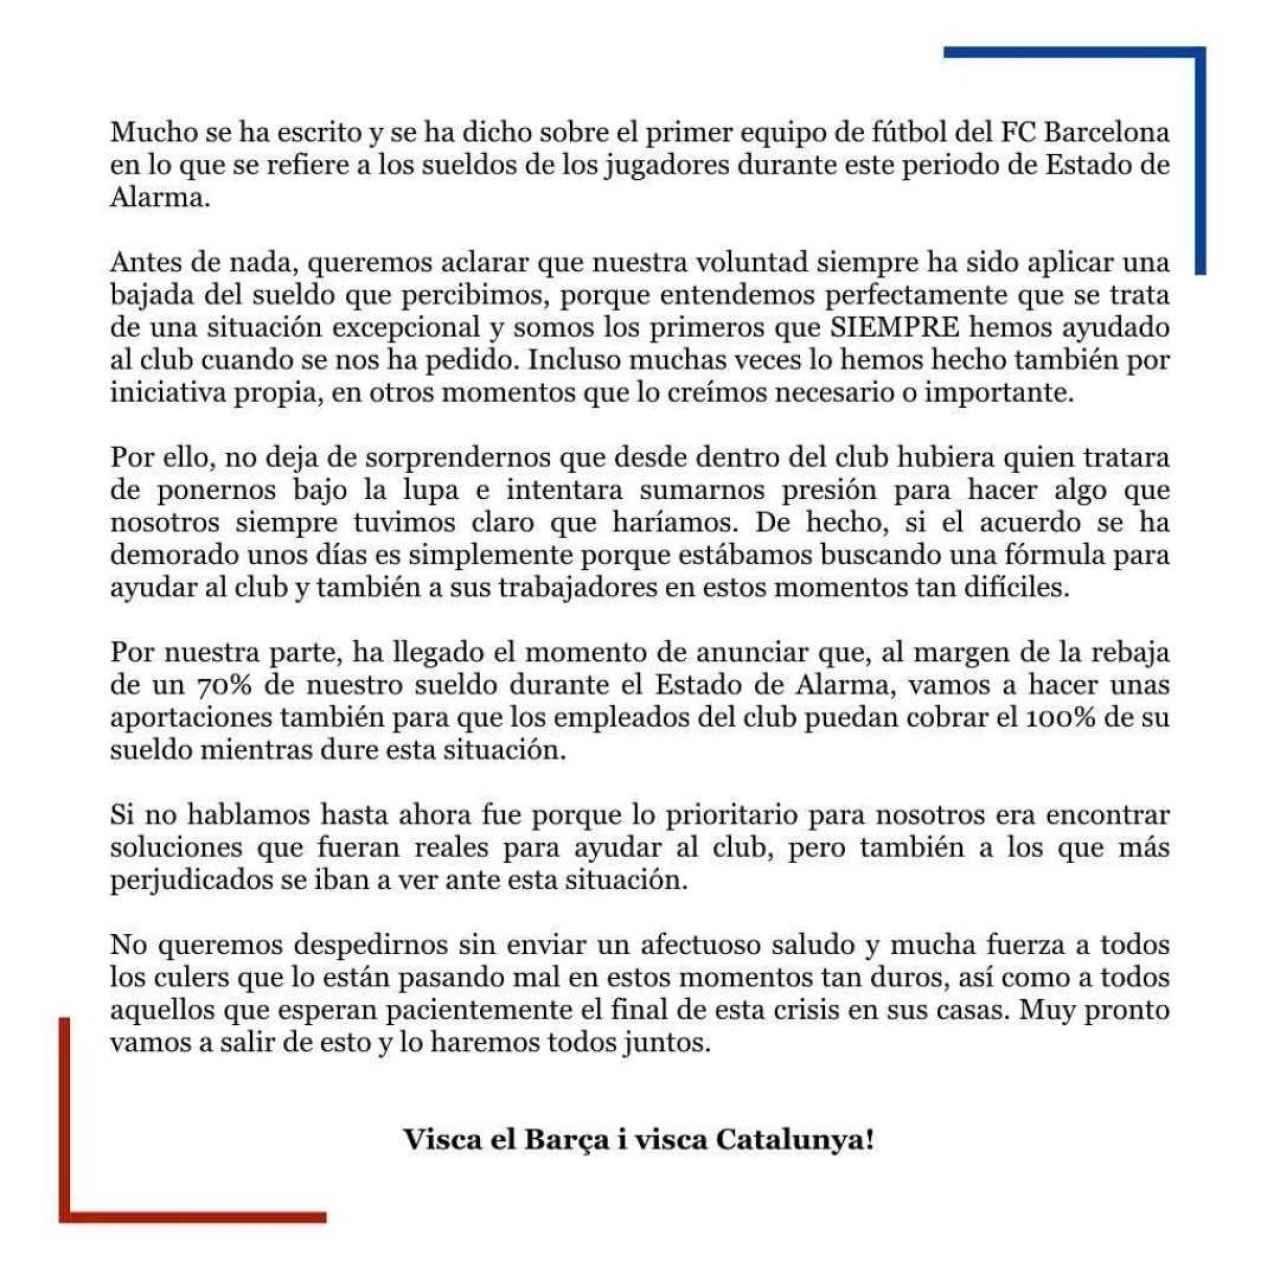 El comunicado de Leo Messi anunciando la rebaja salarial de la plantilla del Barça